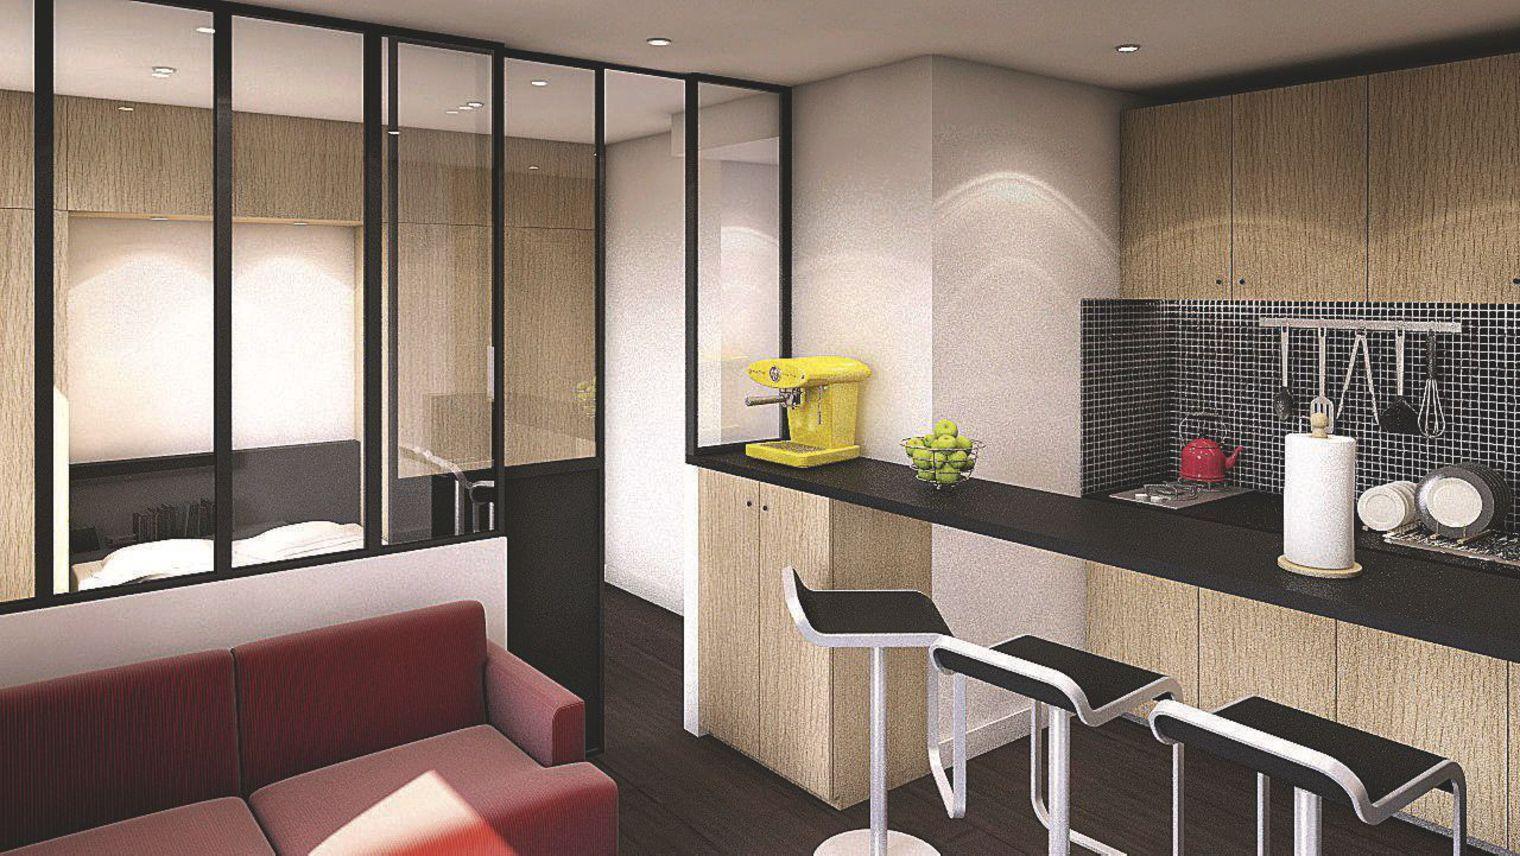 Louer appartement : choisissez l'emplacement